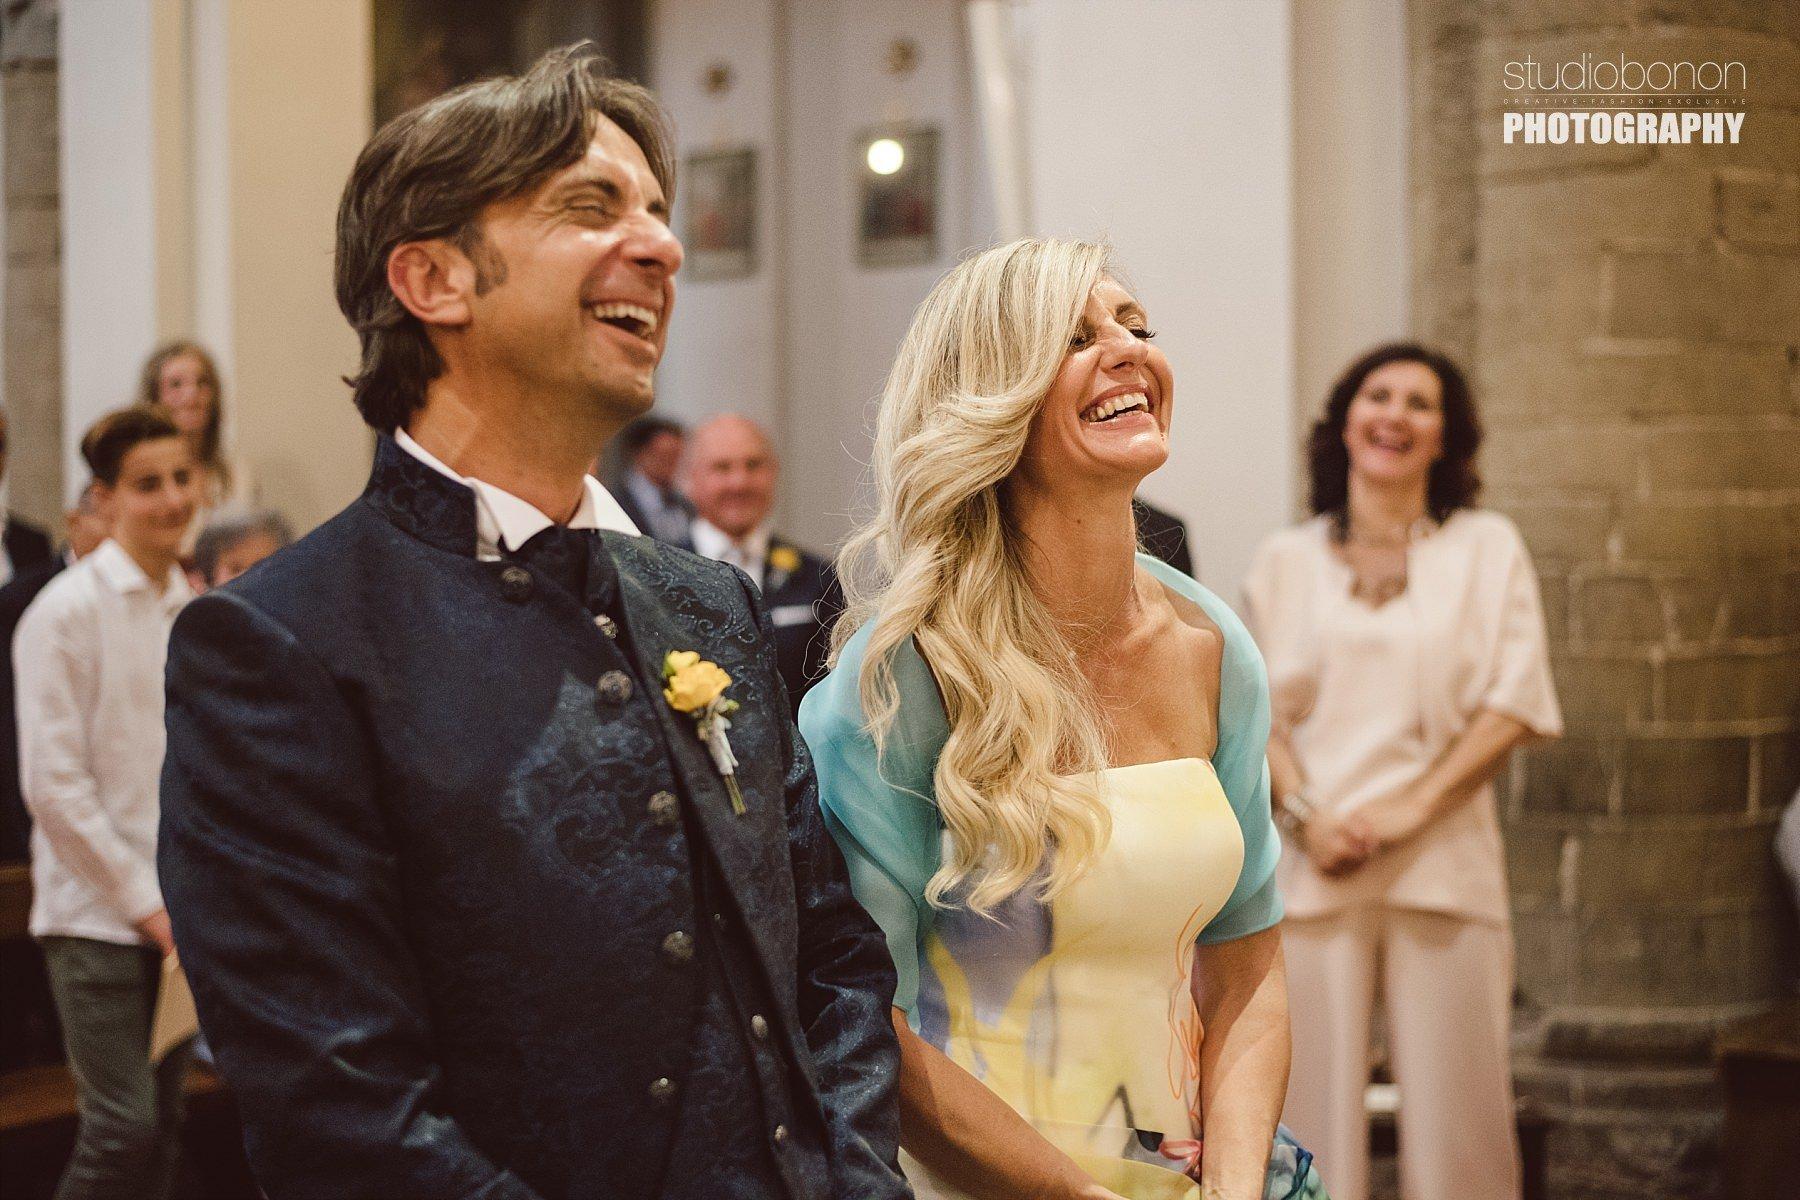 Momento di felicità ed emozione per due sposi durante la cerimonia